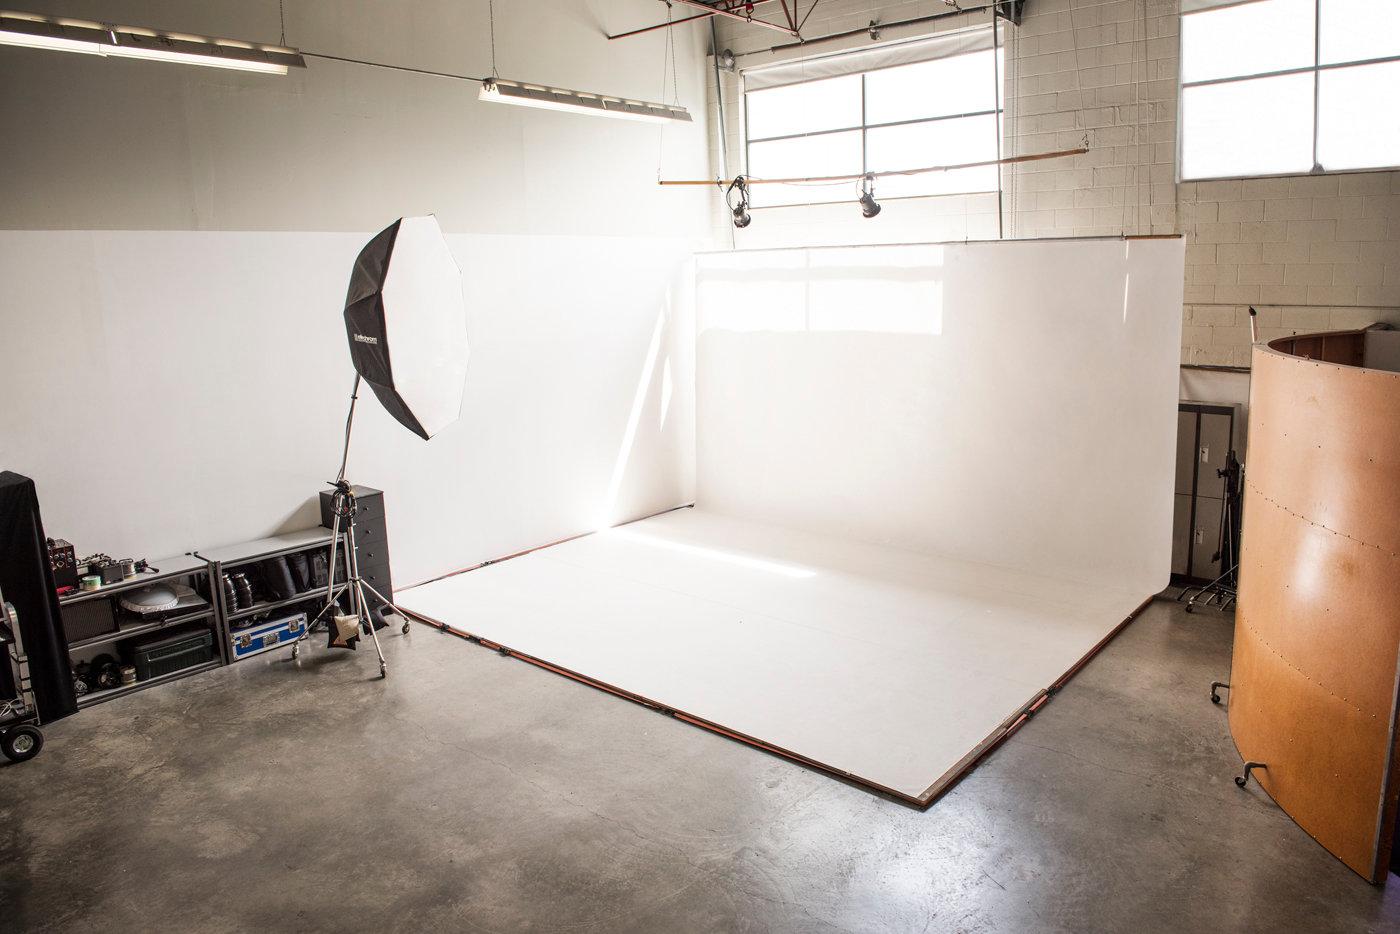 Full Studio Rental - Full Day